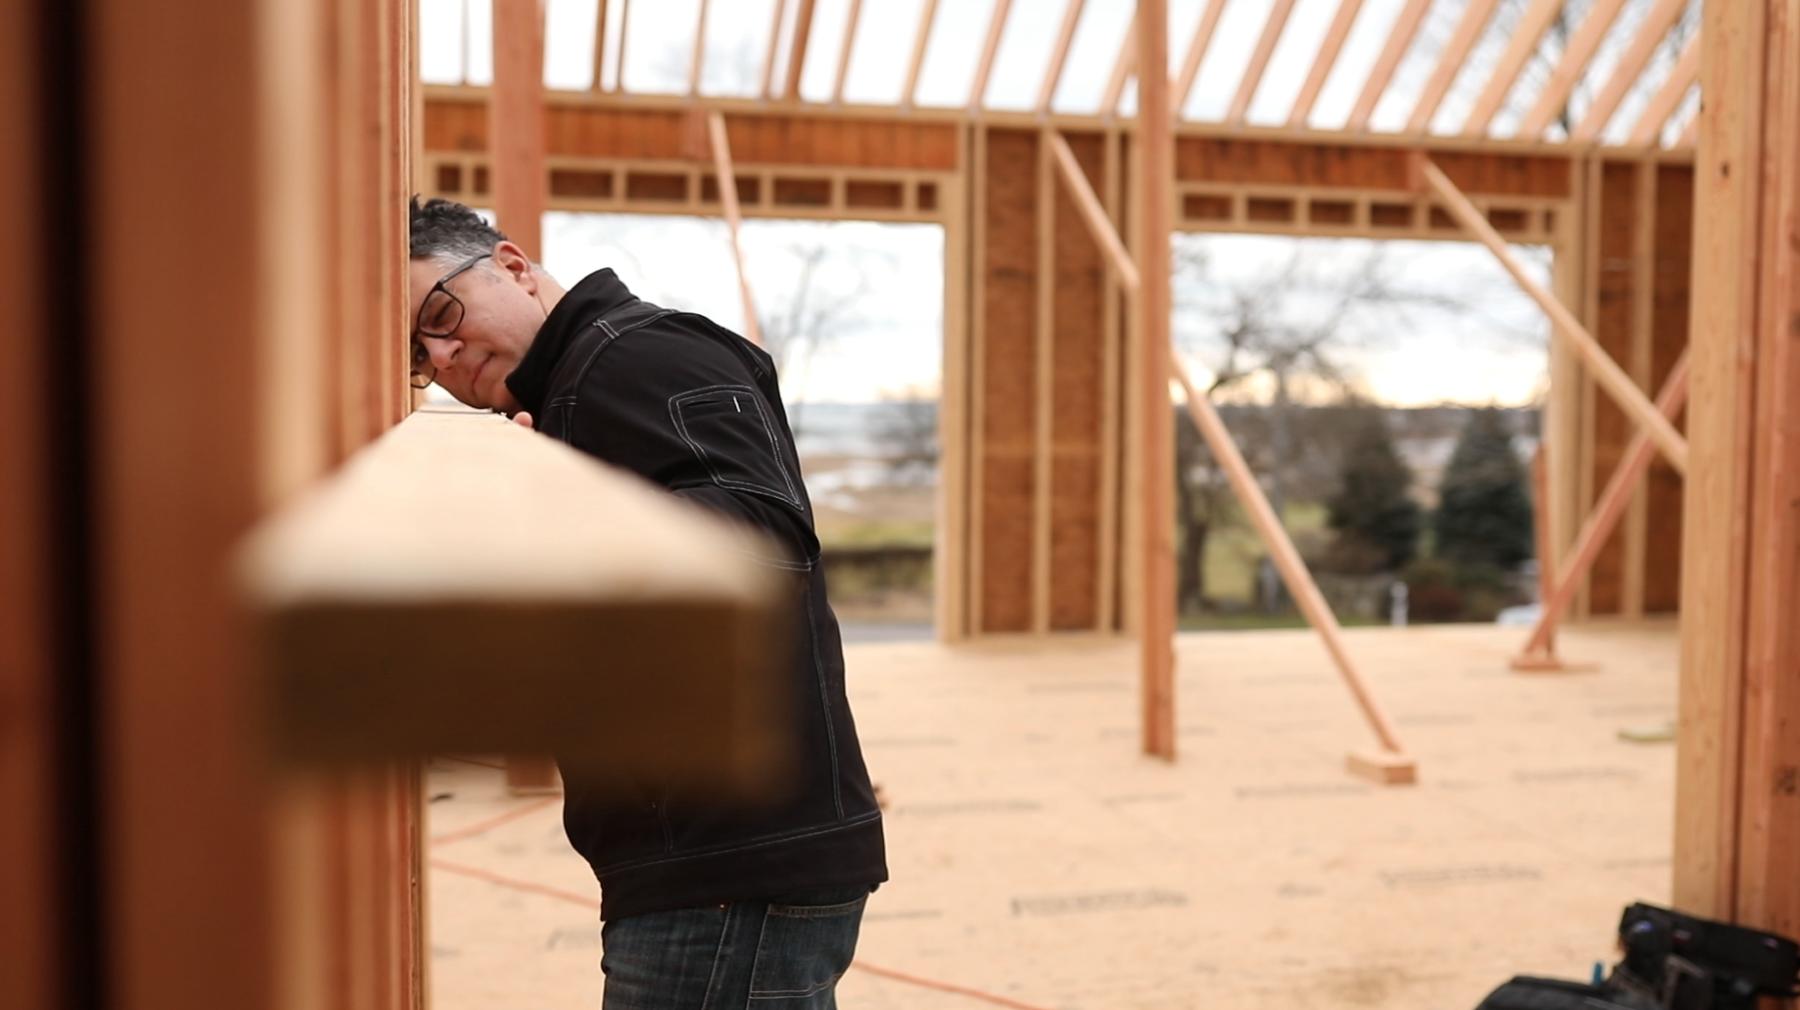 Building the farmhouse in fairfield